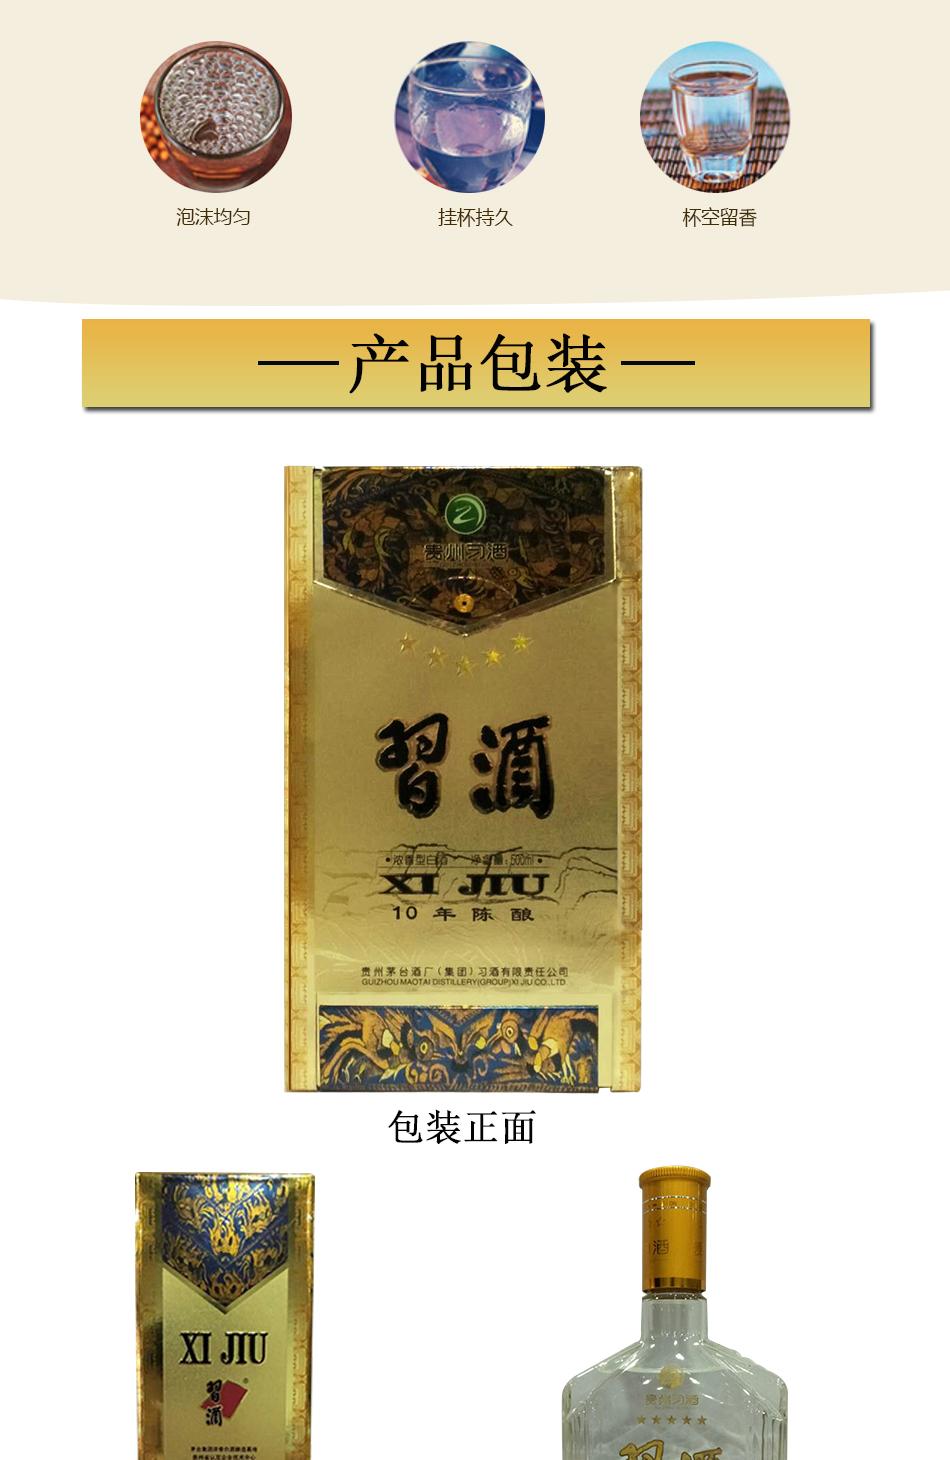 1習酒_02.jpg